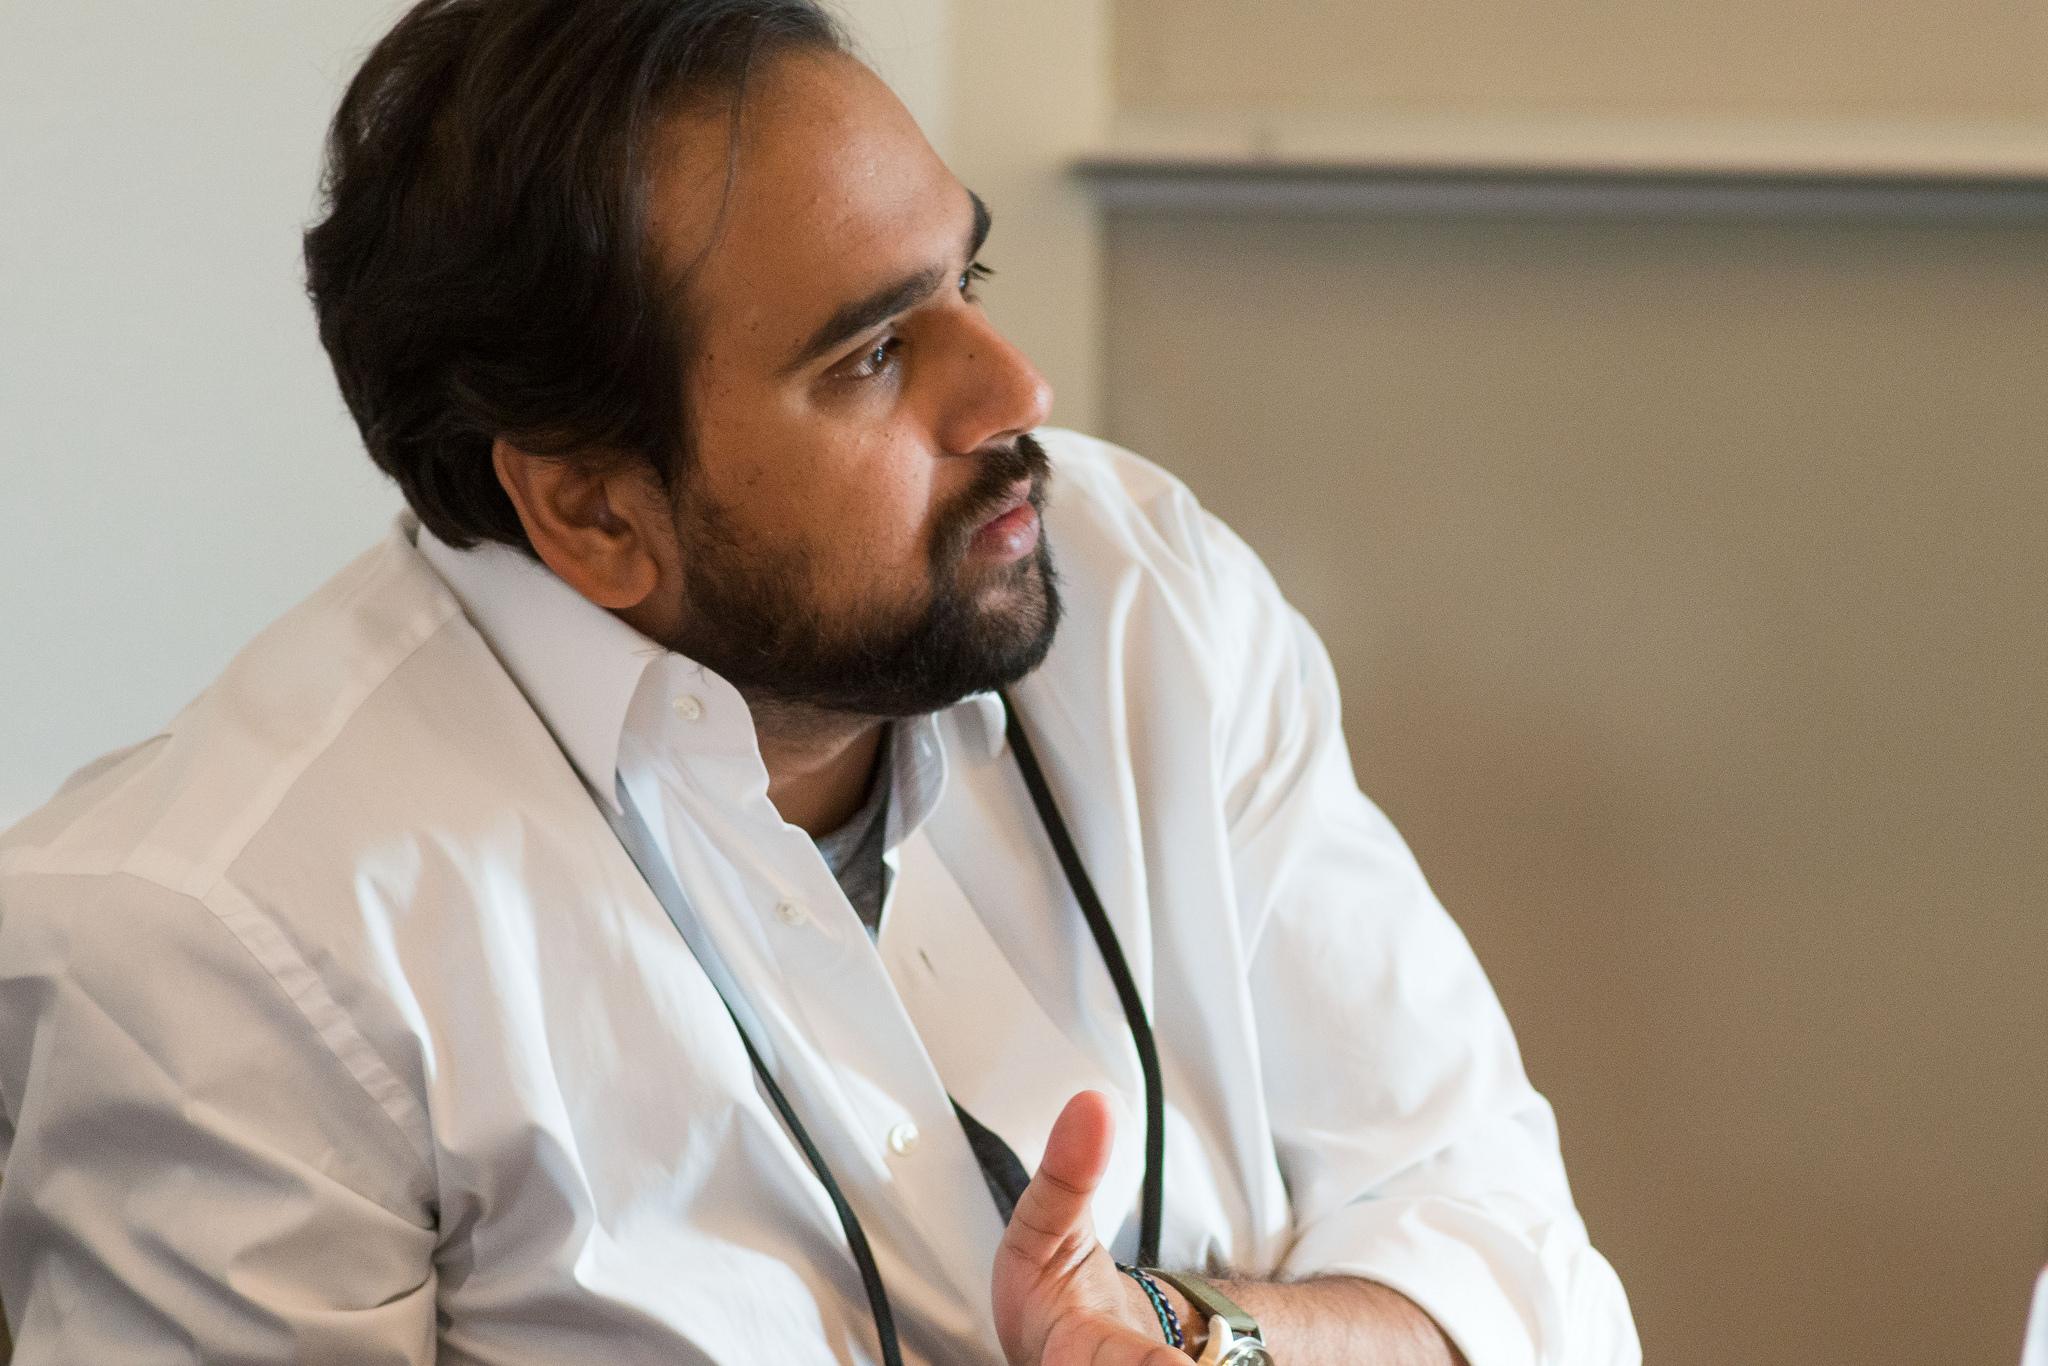 Hosain Rahman, spoluzakladatel a bývalý CEO Jawbone